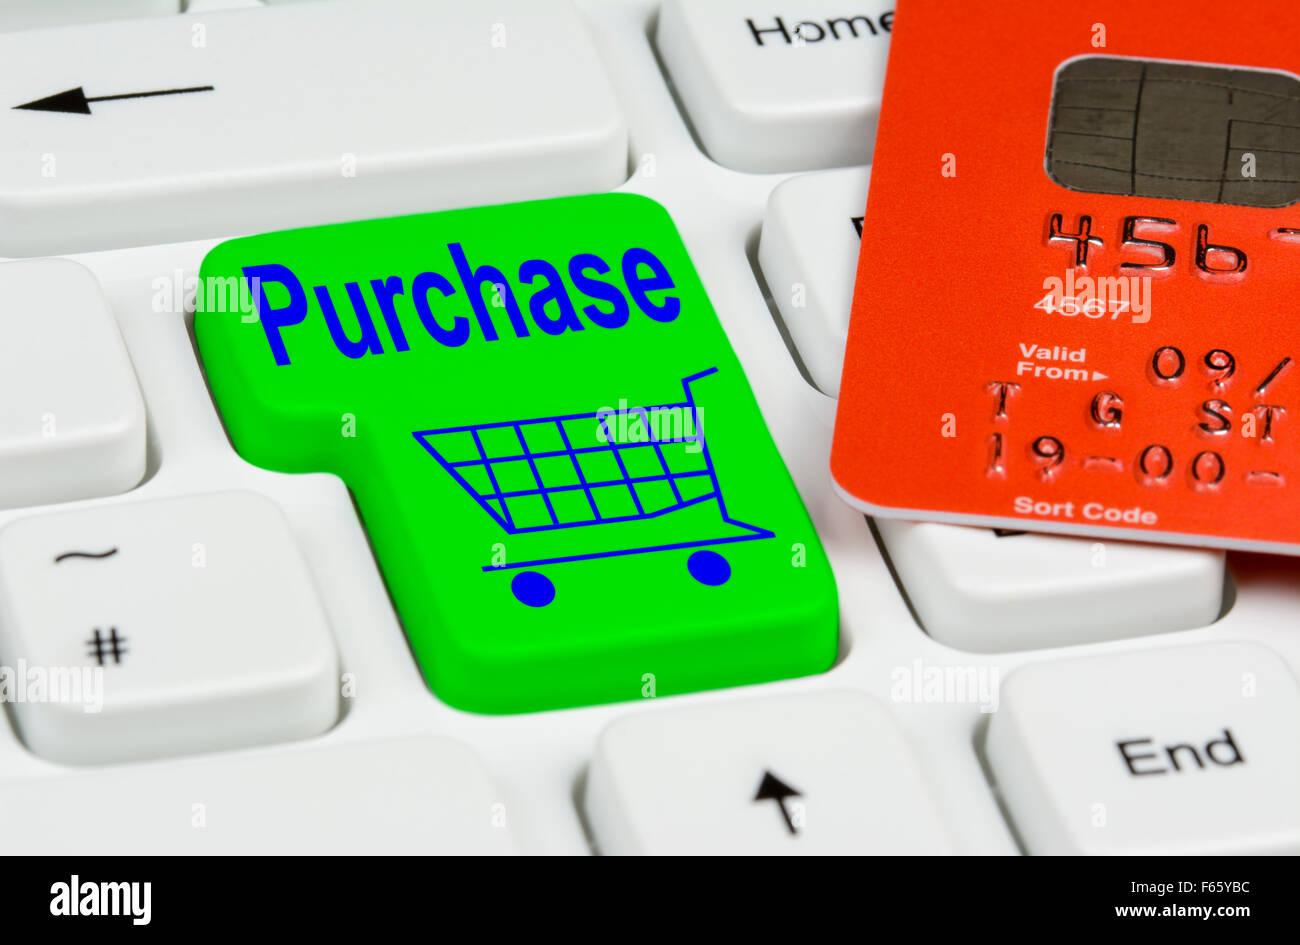 Magasinage en ligne bouton d'un clavier d'ordinateur blanc.avec carte de paiement. Photo Stock